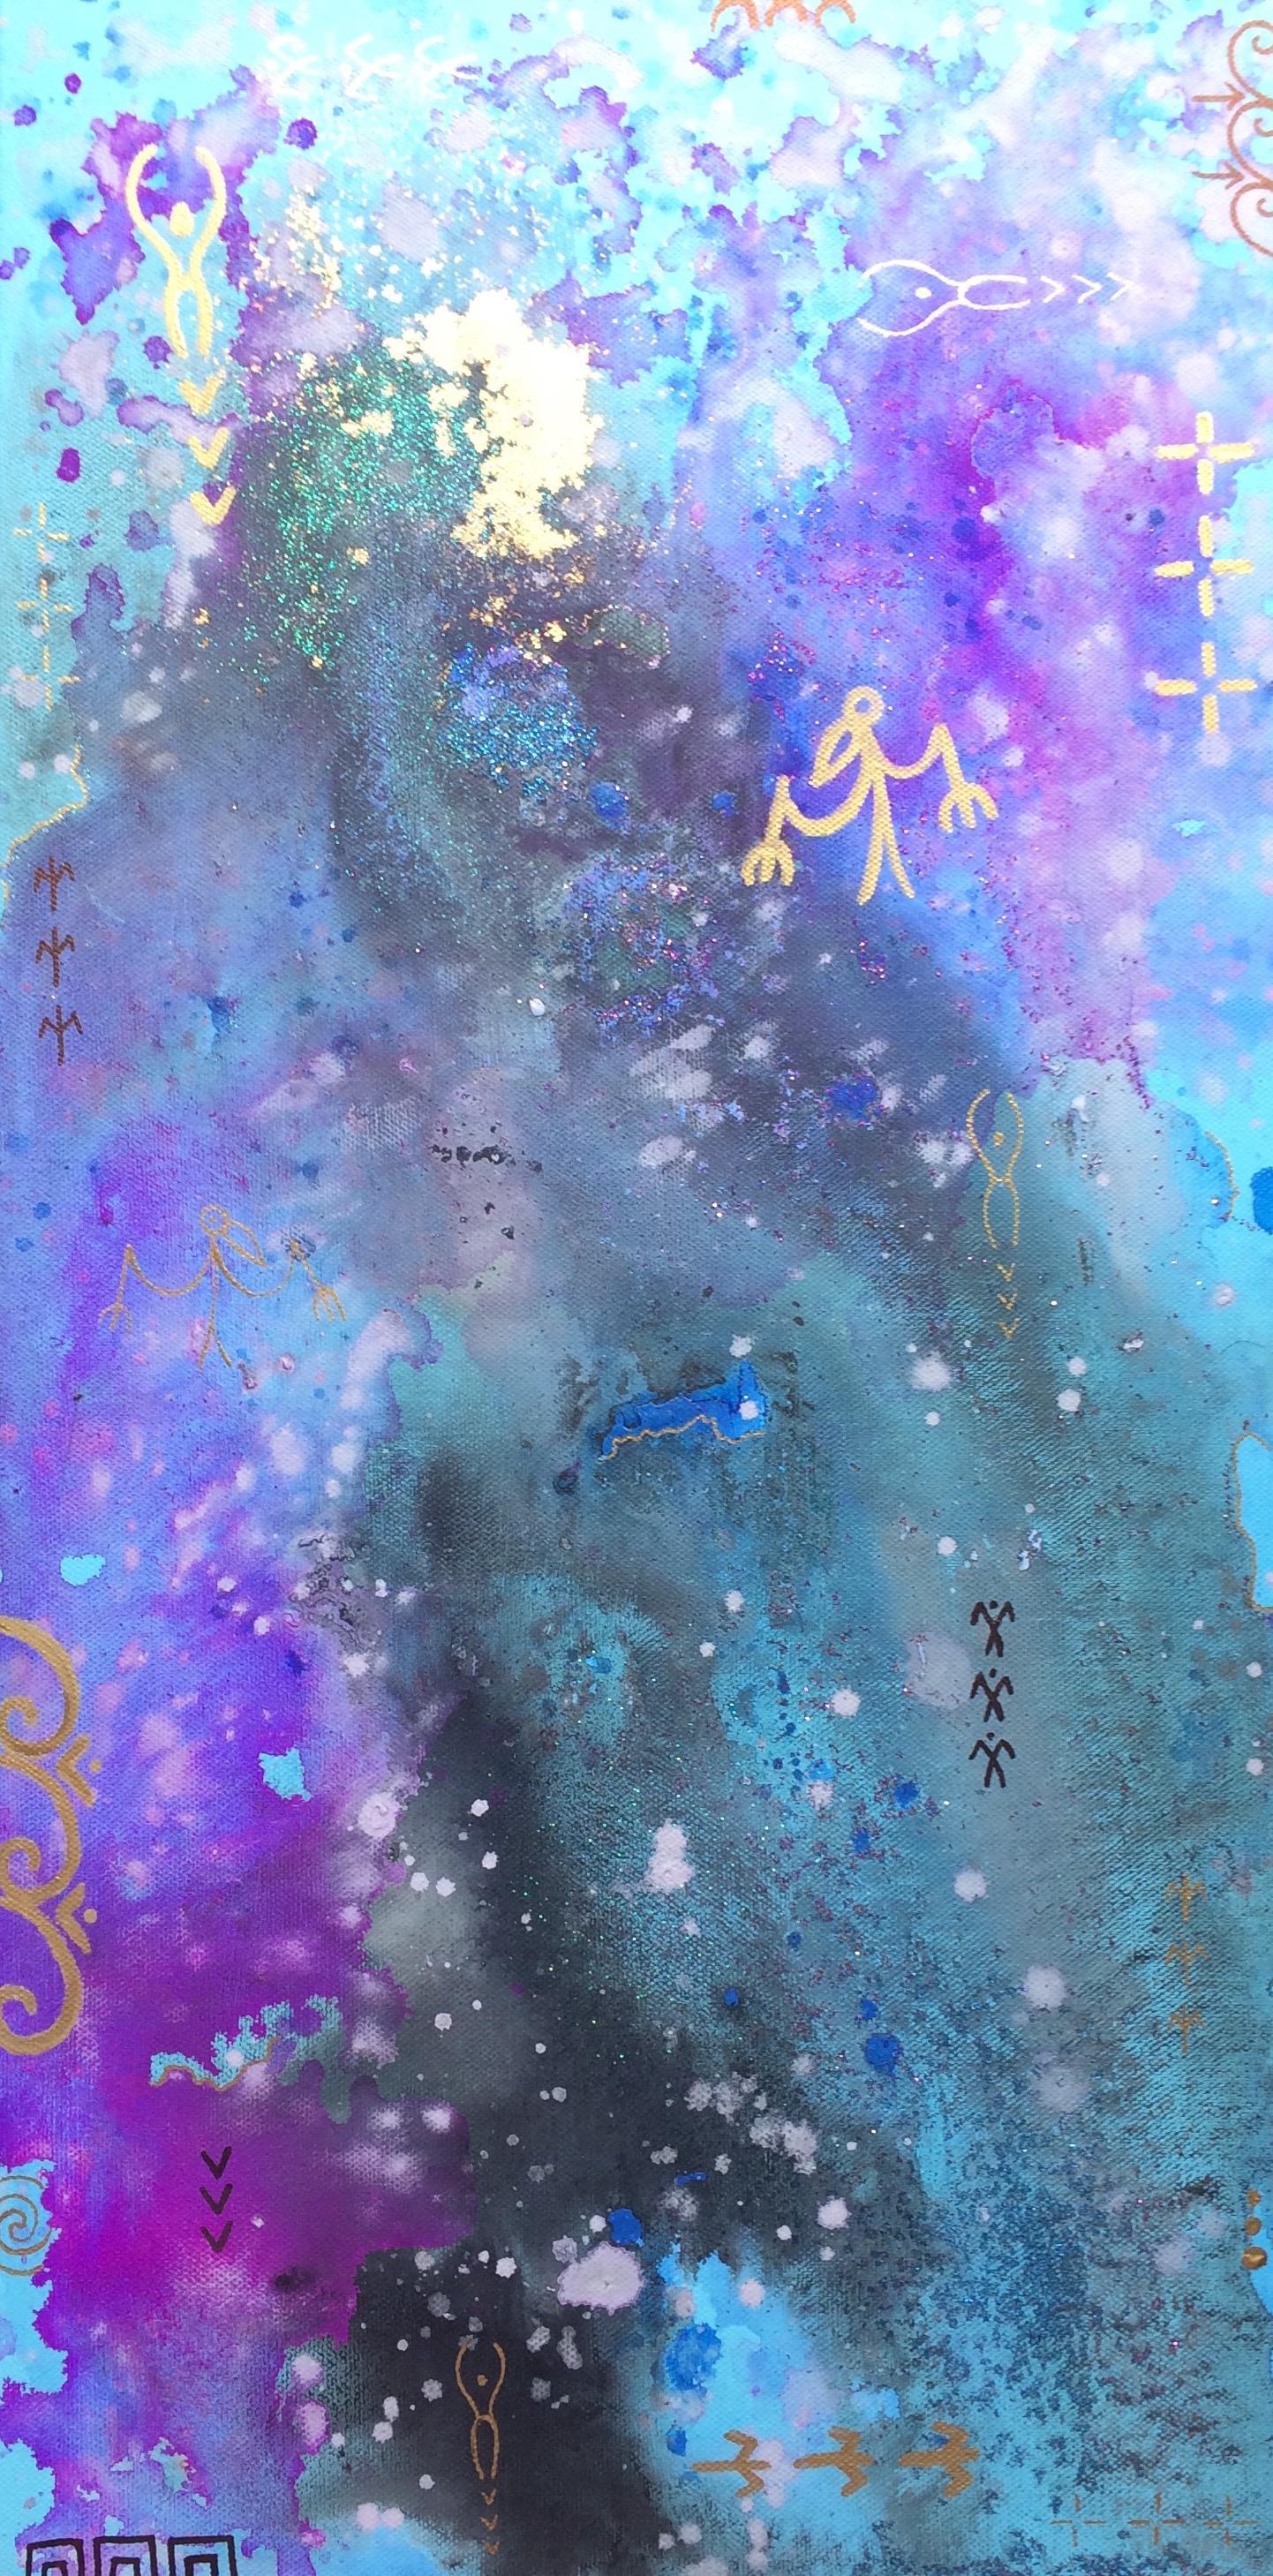 'Divine Origins III' by Taryn Beri.